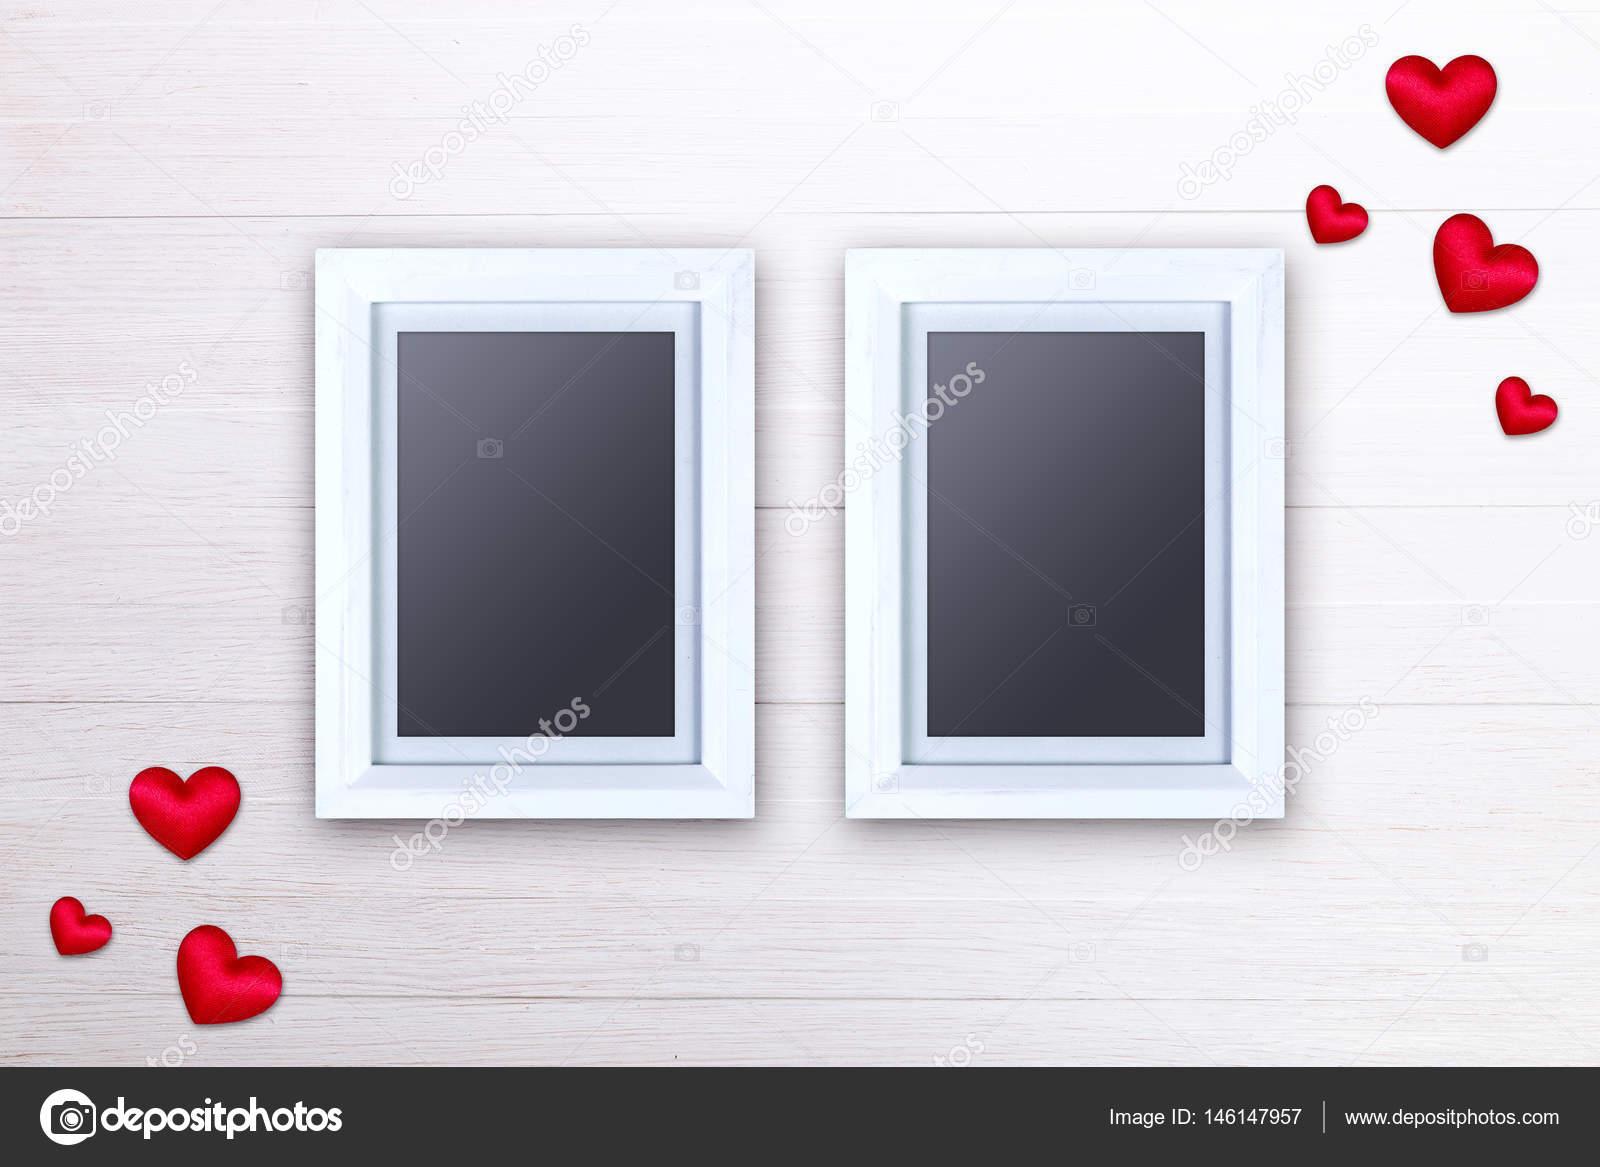 Leere Bilderrahmen. Rote Herzen. Liebe design — Stockfoto ...